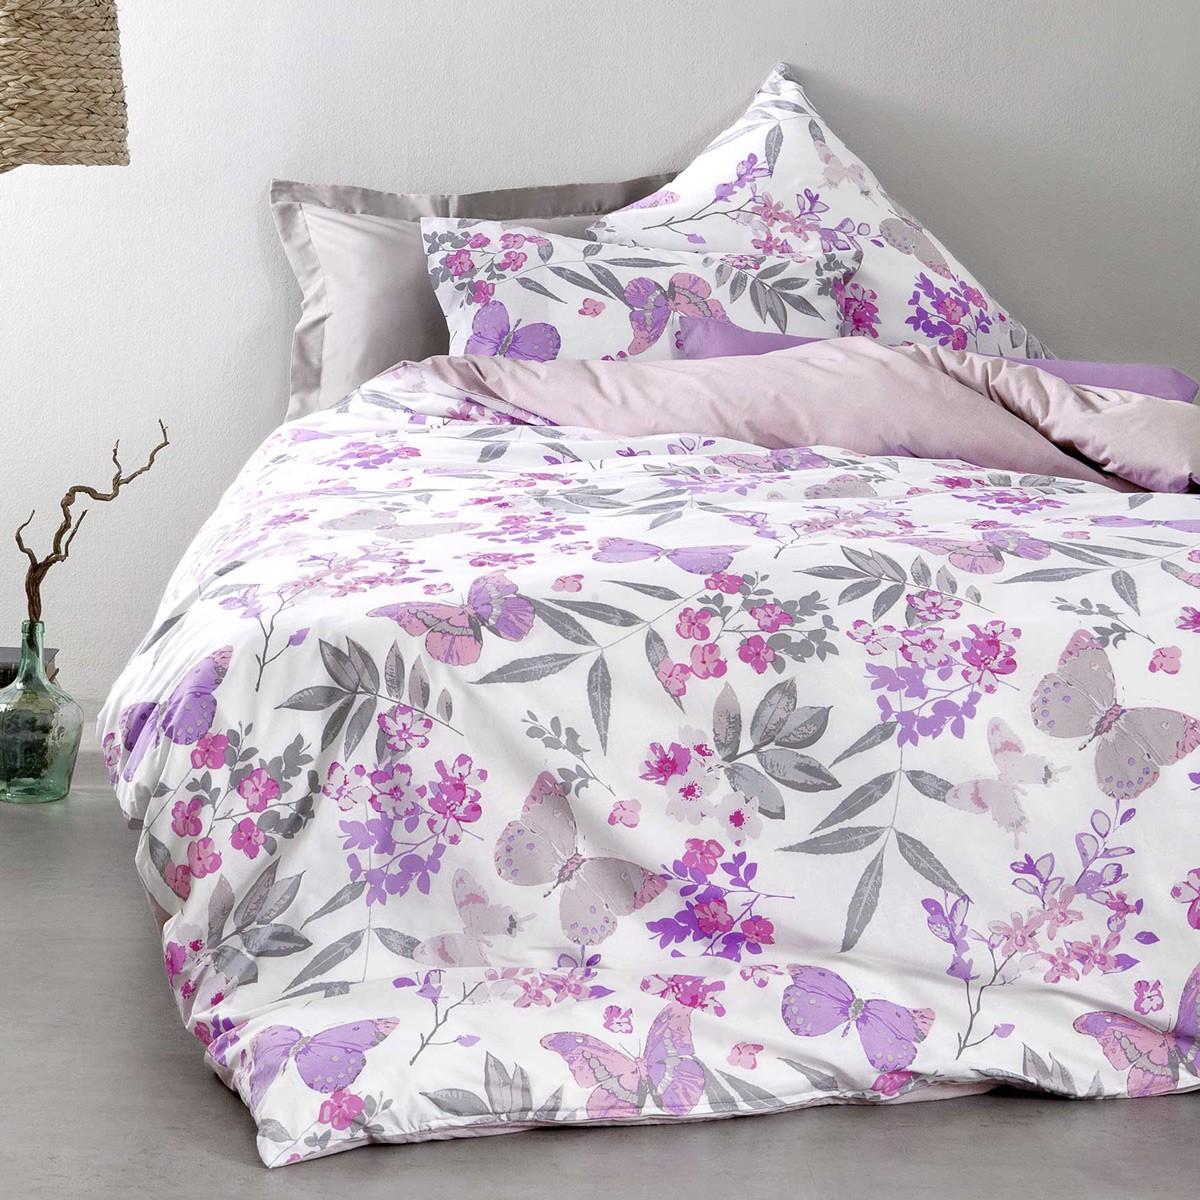 Σεντόνια Υπέρδιπλα (Σετ) Nima Bed Linen Tahiti Lilac ΧΩΡΙΣ ΛΑΣΤΙΧΟ ΧΩΡΙΣ ΛΑΣΤΙΧΟ